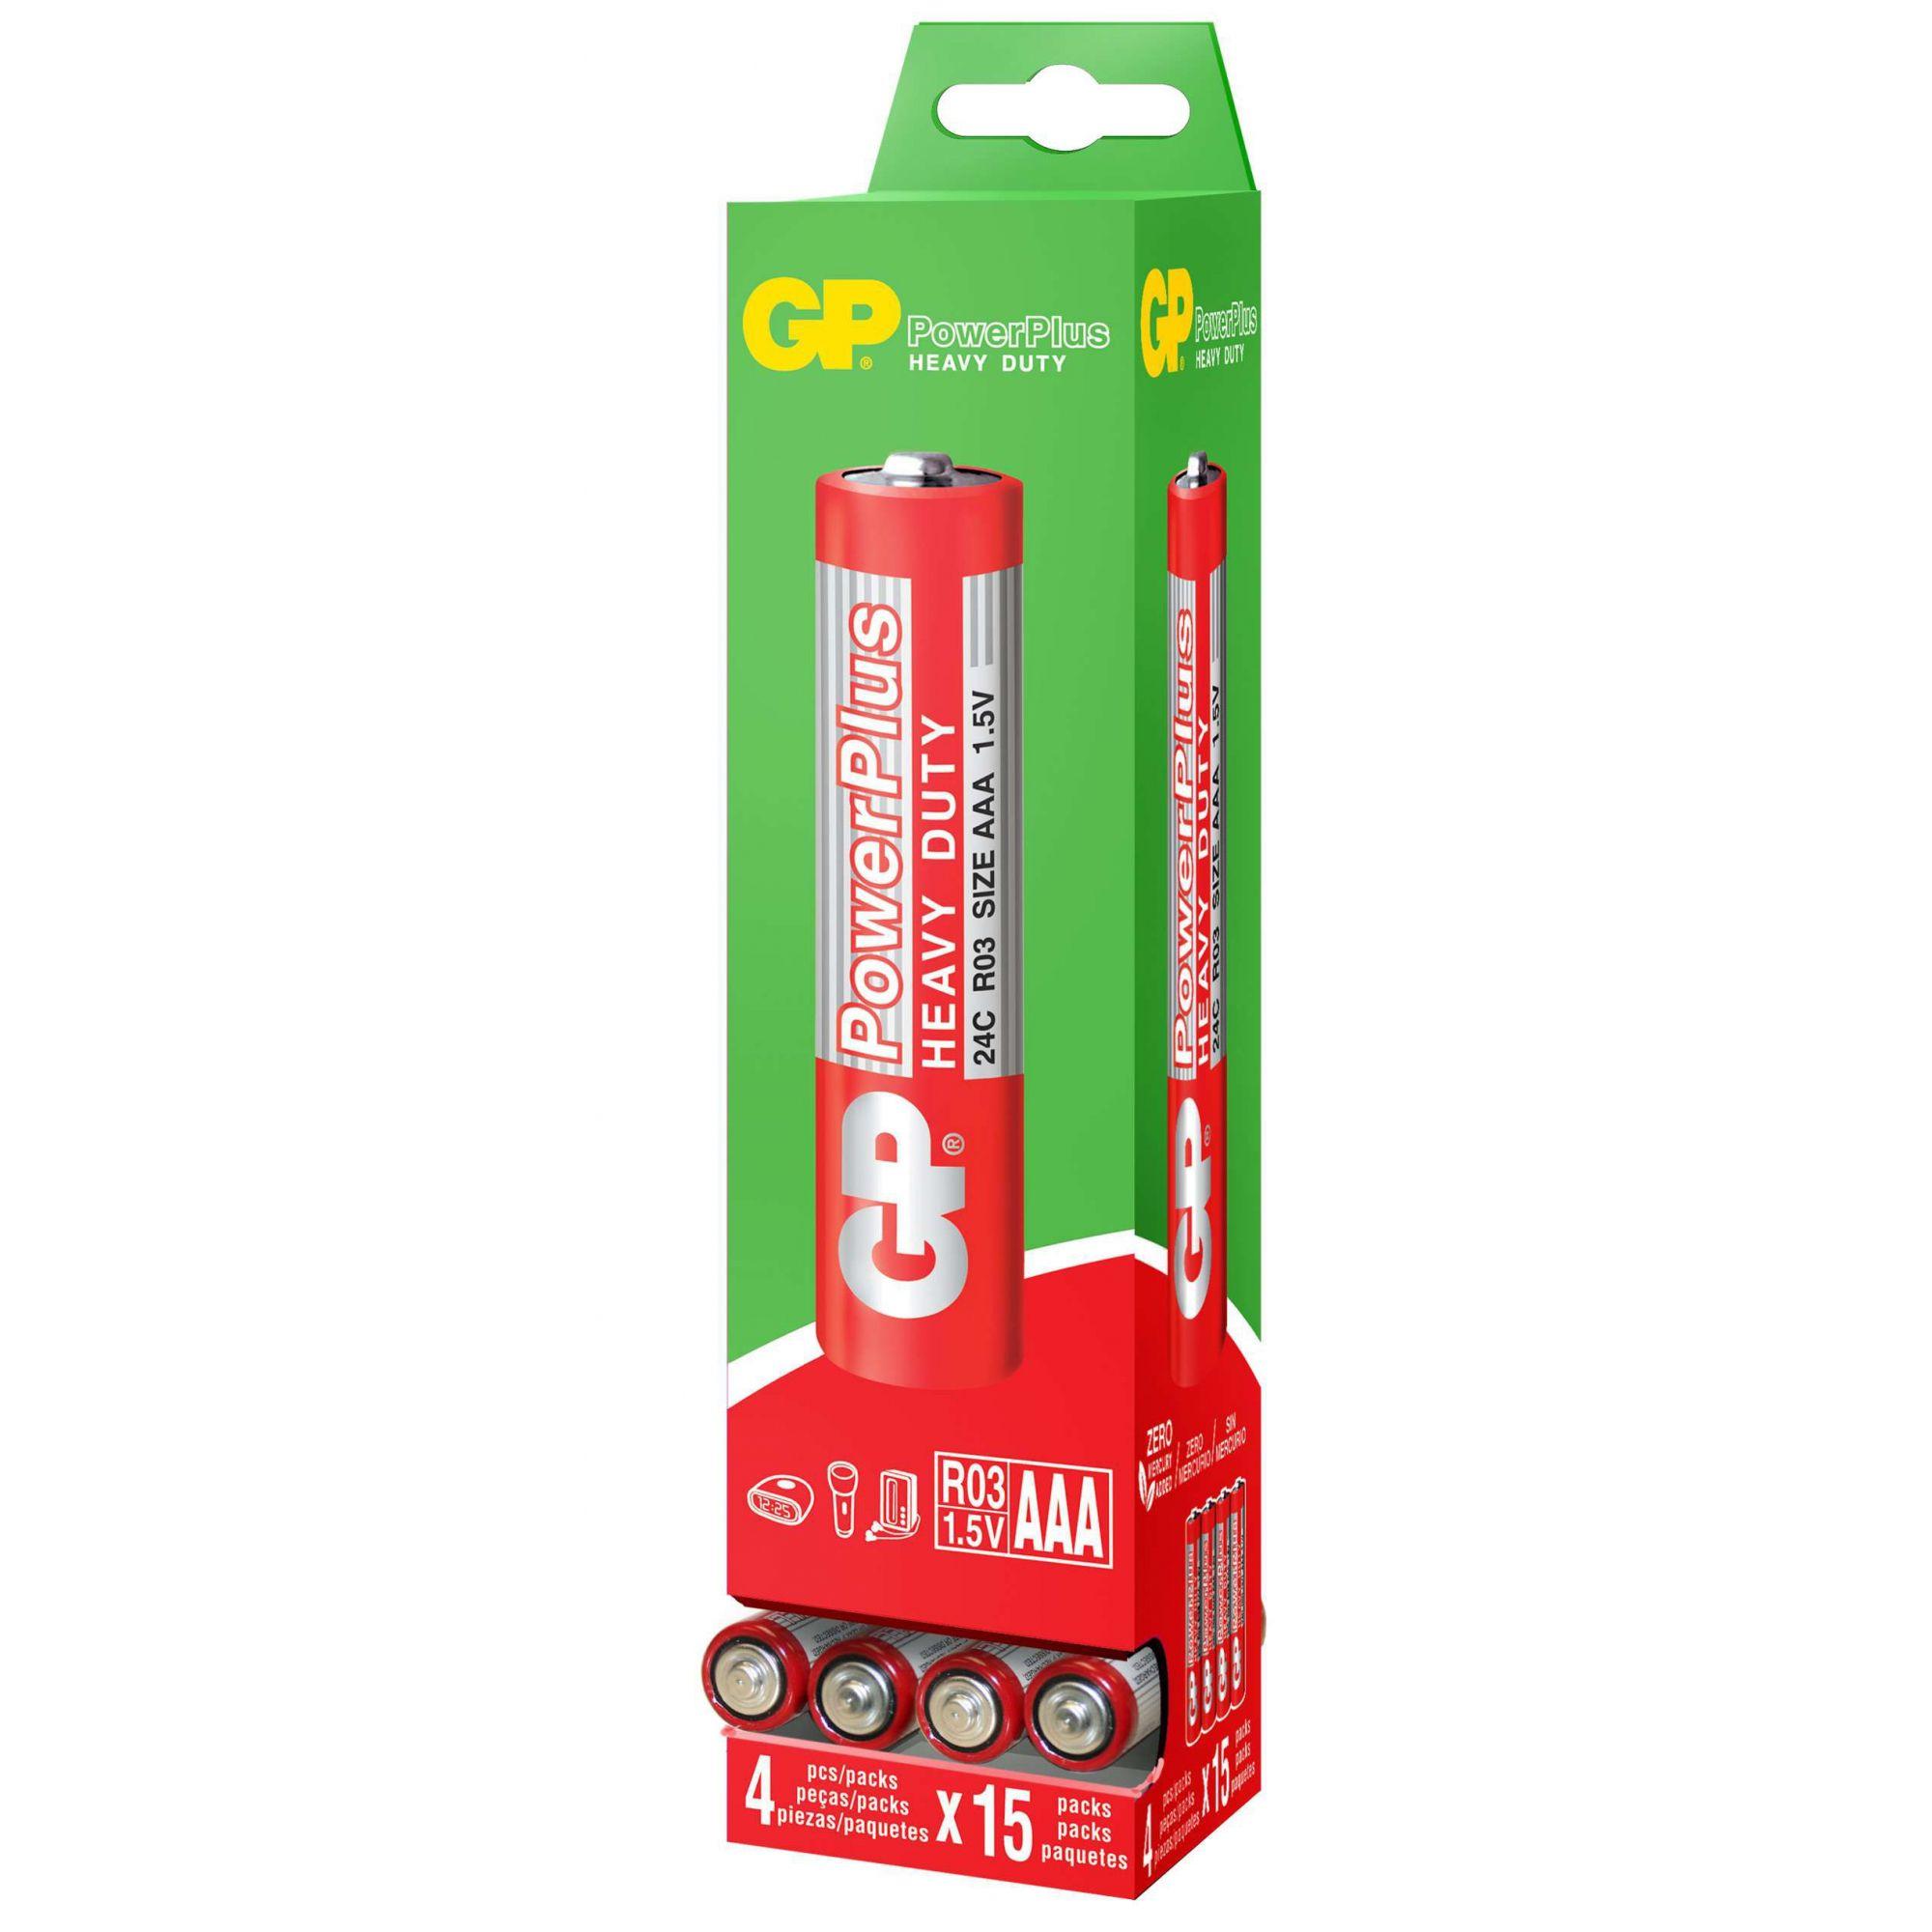 240 Pilhas AAA Comum PowerPlus GP Zinco Carvão - 04 caixas com 60 unidades cada